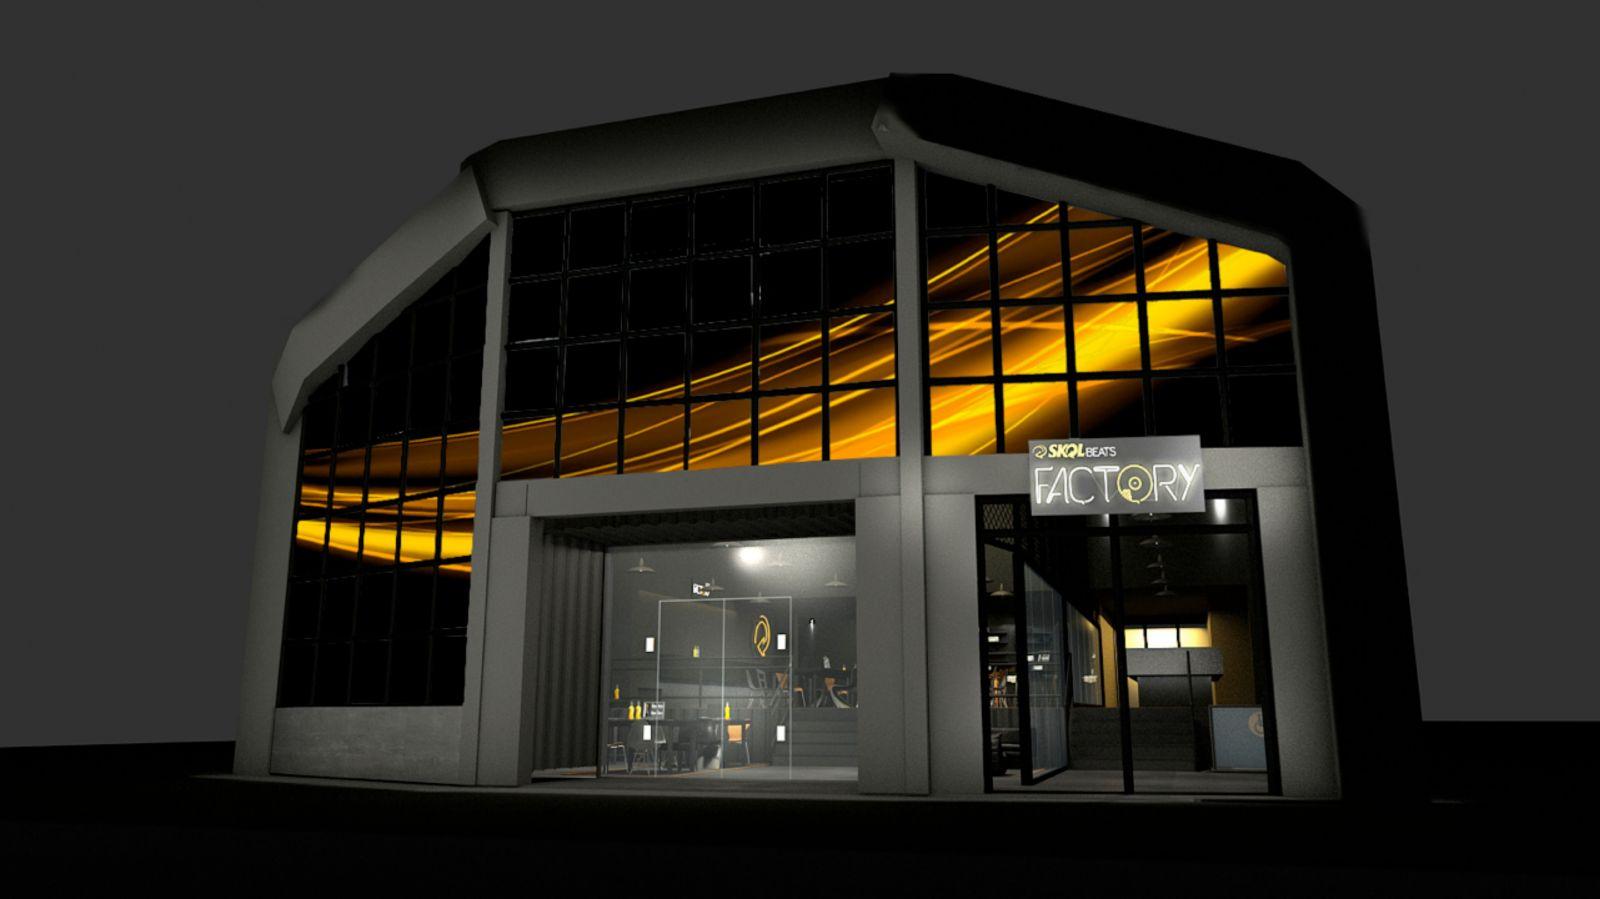 O Skol Beats Factory será lançado em SP dia 10/04 DJ, Skol, Skol Beats Factory, SuperUber, Tiga